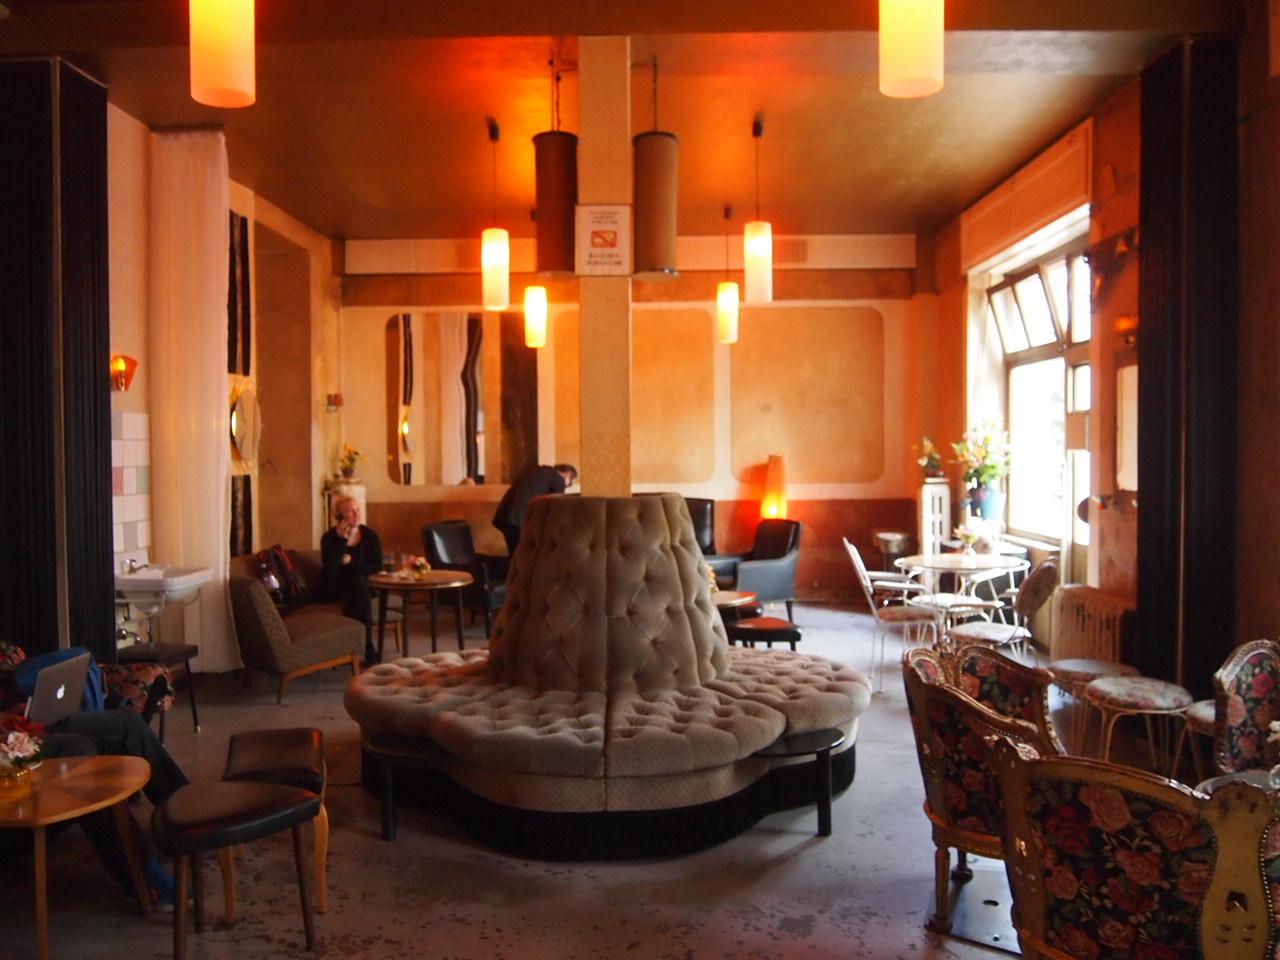 ベルリンの可愛い部屋を満喫!レトロ家具に溢れたベルリンのカフェ